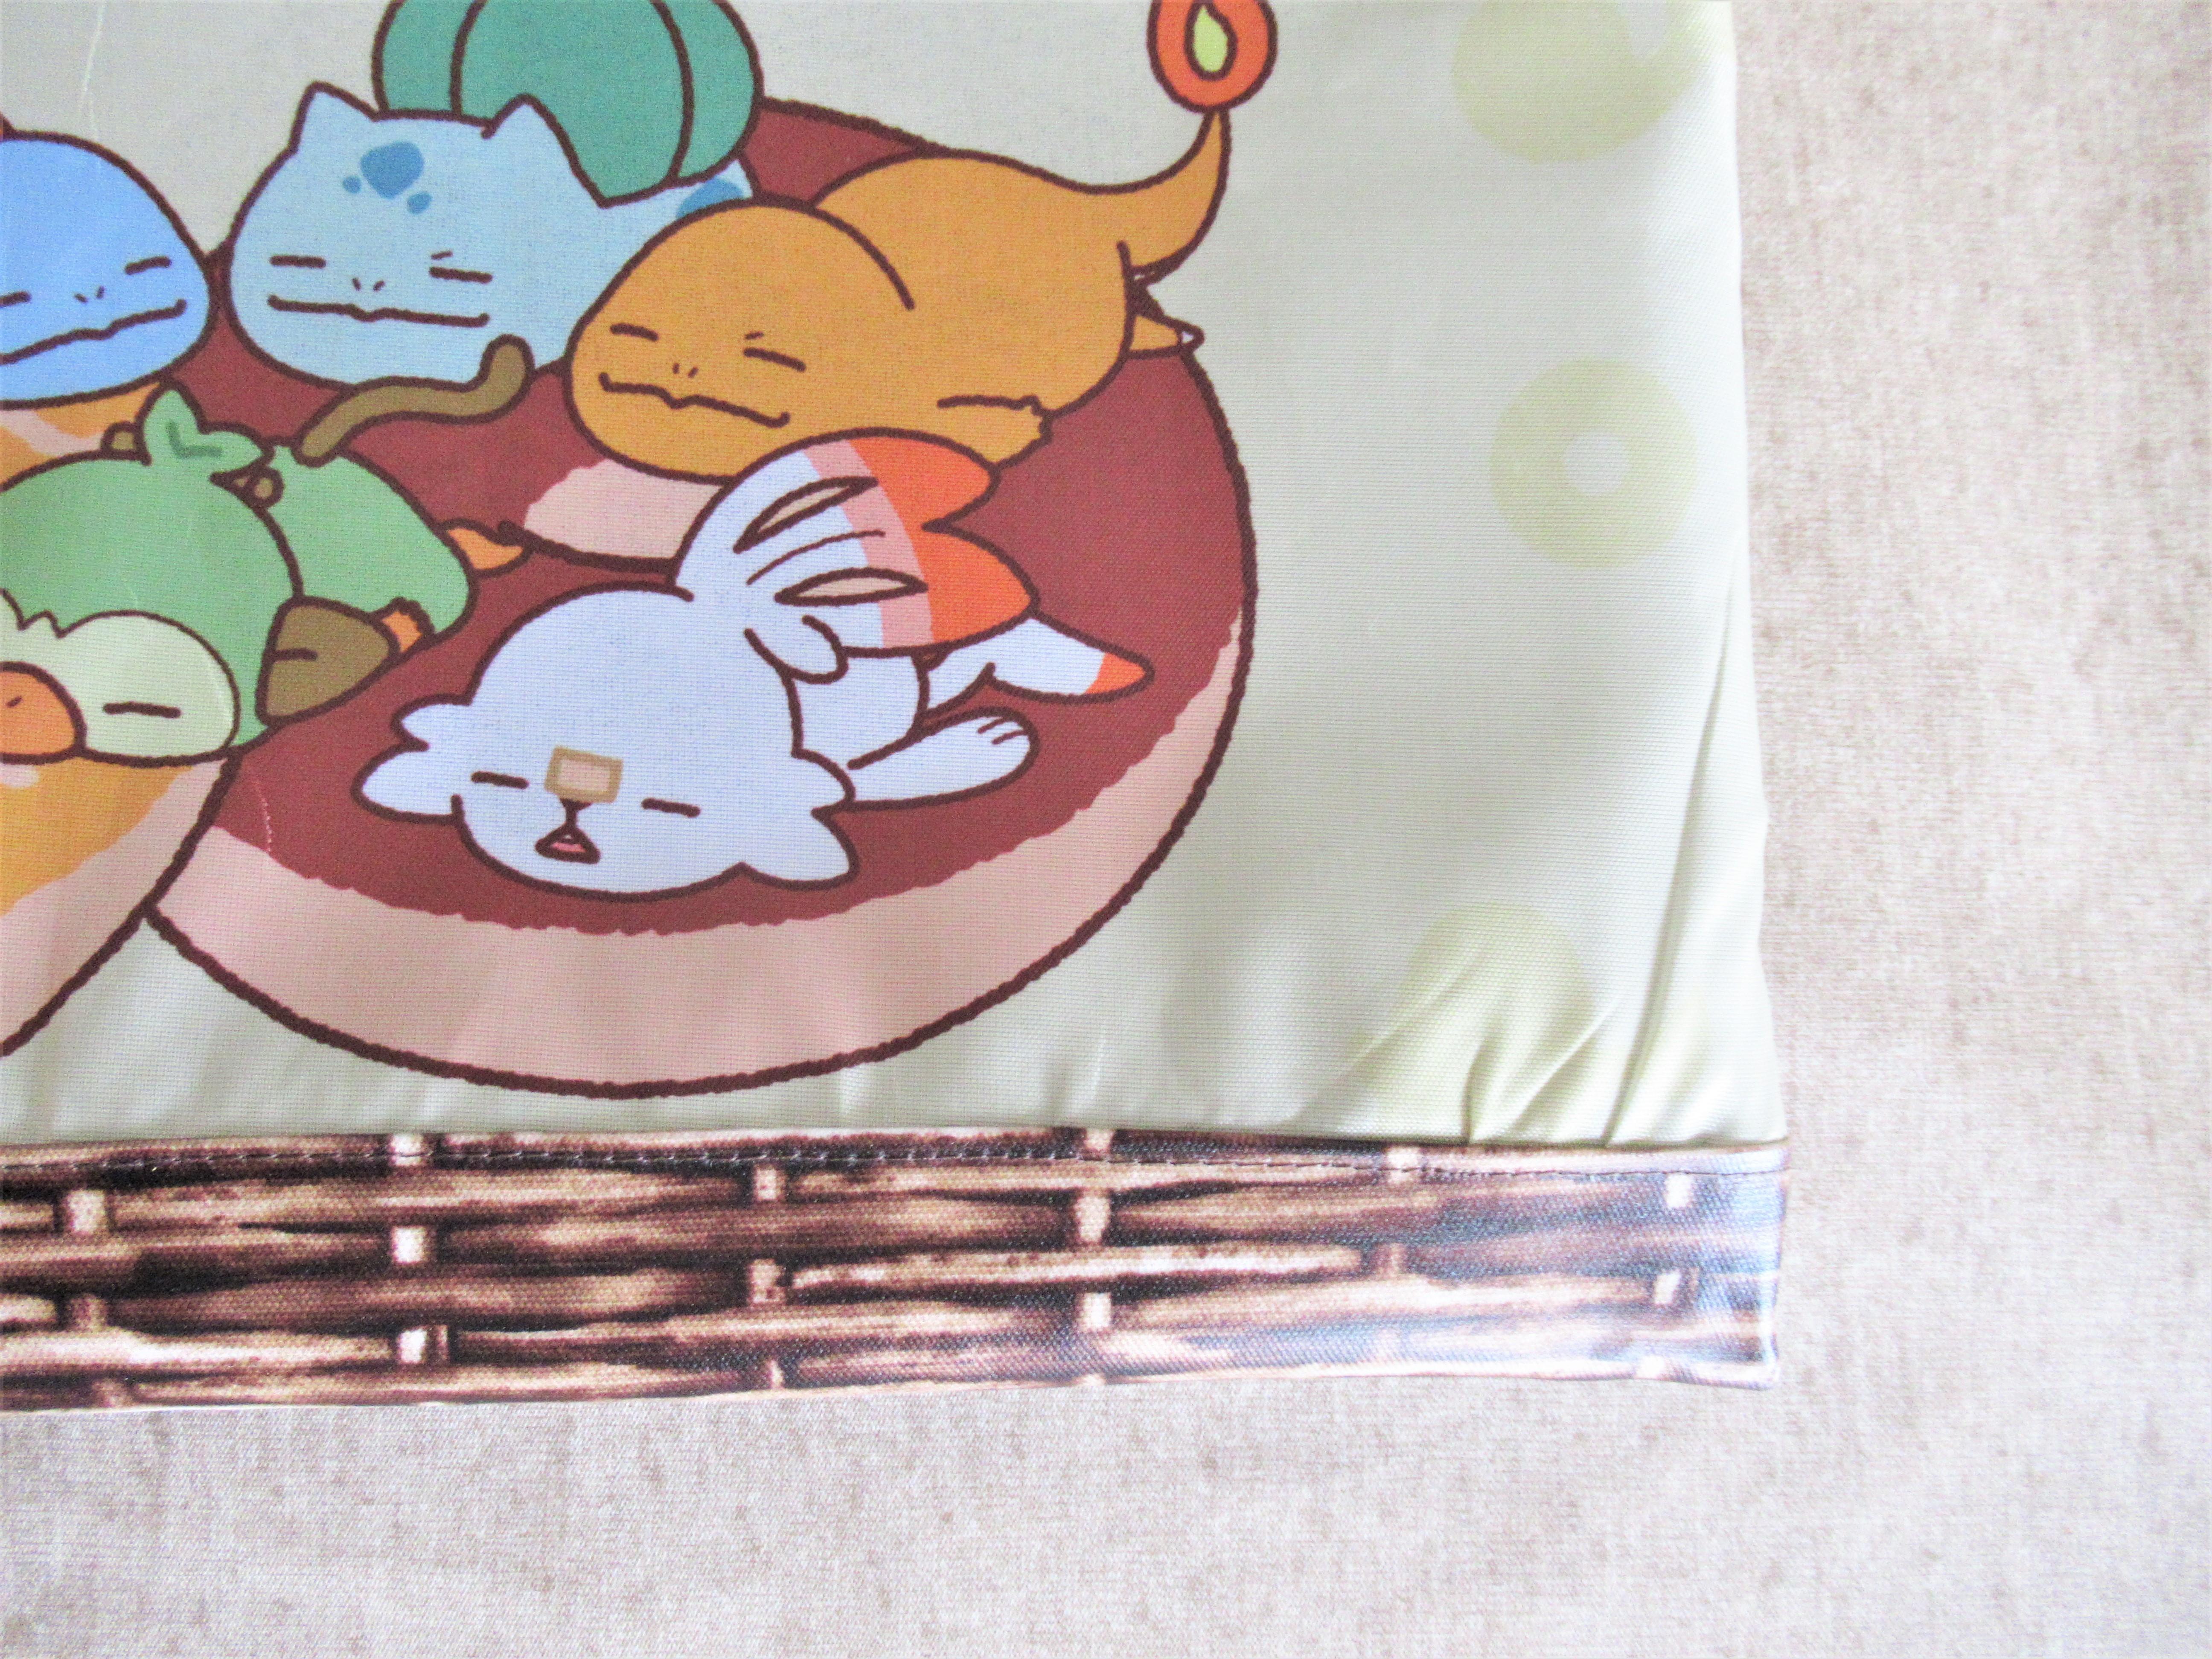 【手提げバッグの作り方】ミスドのポケモンエコバッグを小学校の入学グッズにリメイク|簡単手芸ブログ